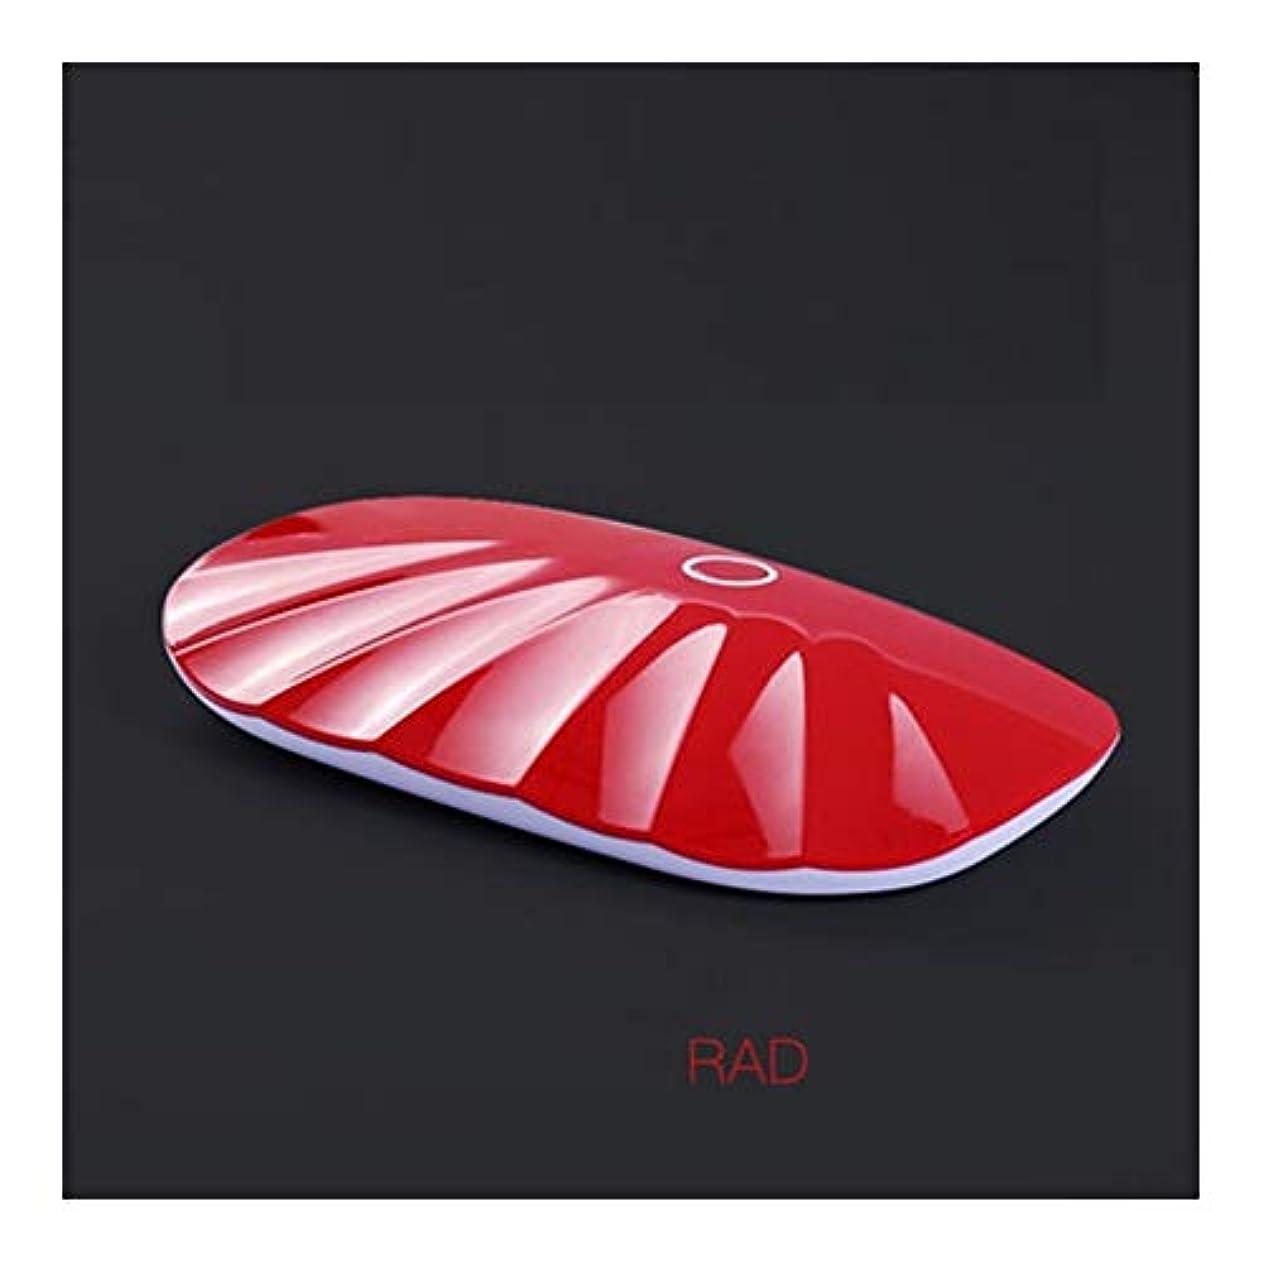 重要性カンガルークラフトLittleCat ミニポータブルLEDライトセラピー機ドライヤーネイルネイルUSBランプ照明ベーキングゴムトリートメント (色 : 赤)